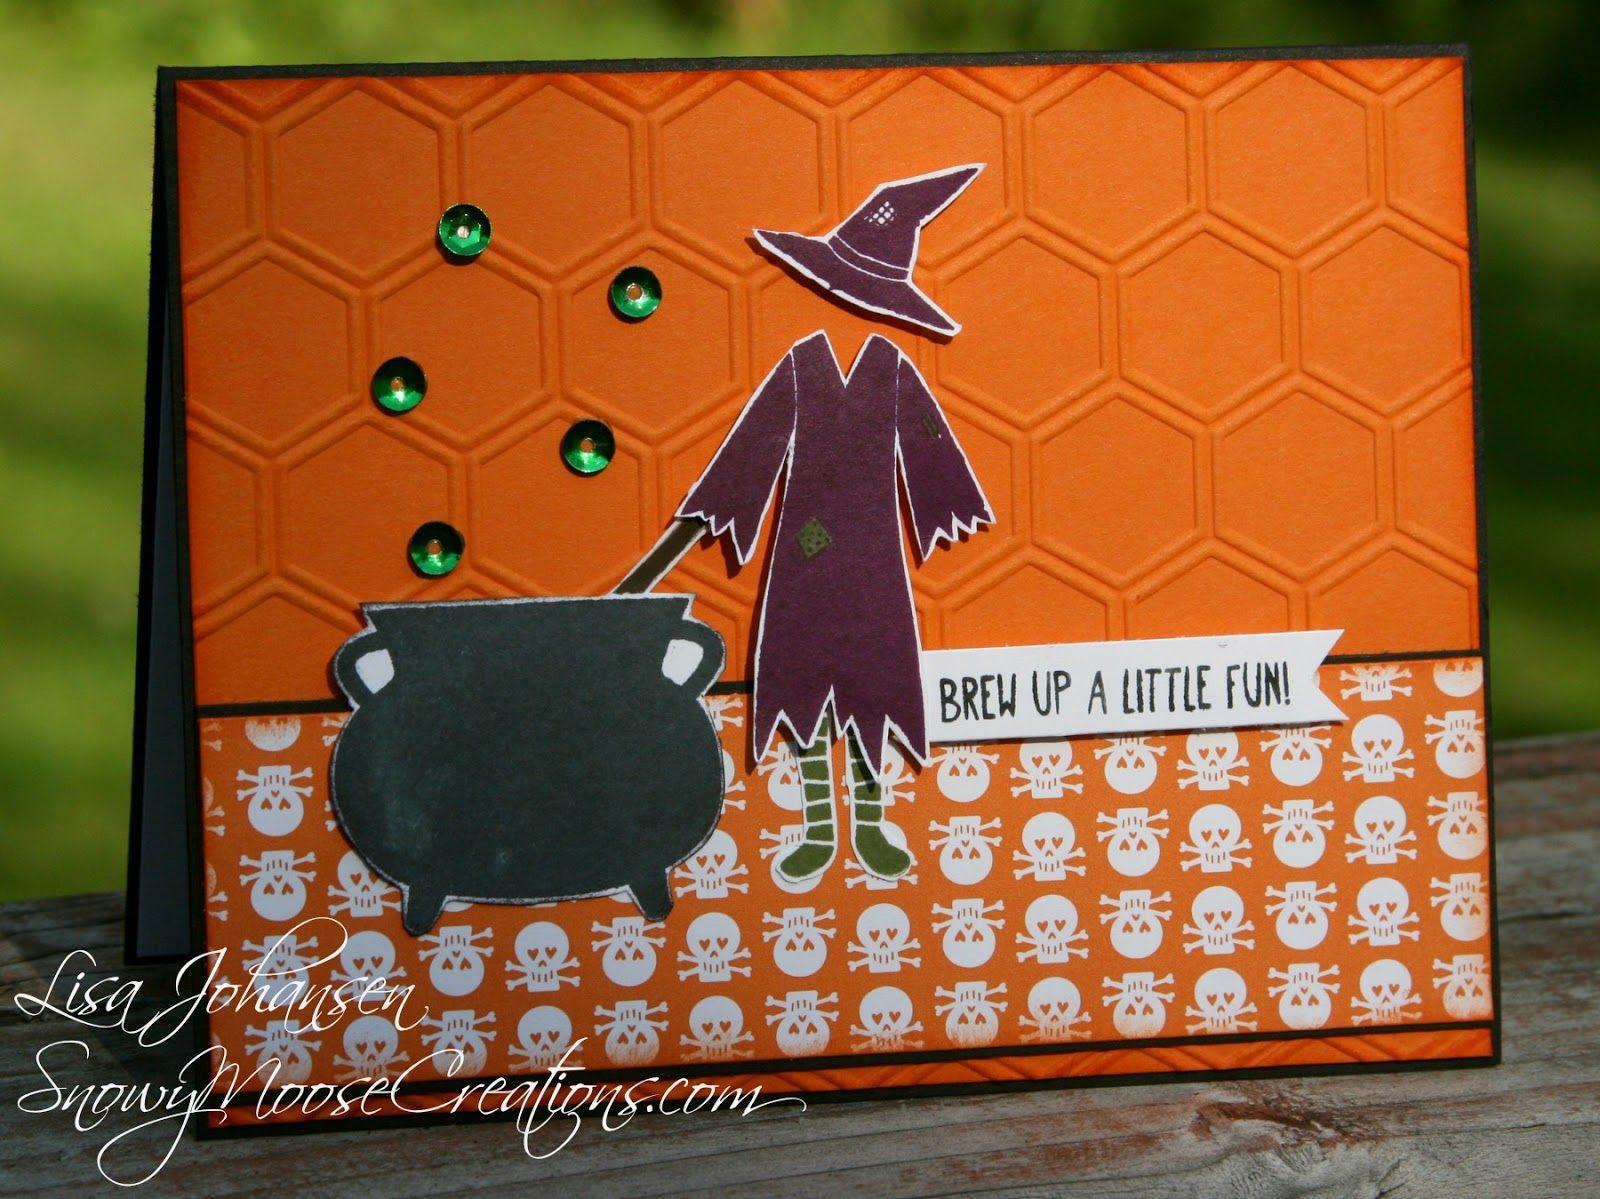 Fms150 Stampin Up Tee-Hee-Hee Snowy Moose Creations: Halloween Fun For  Freshly